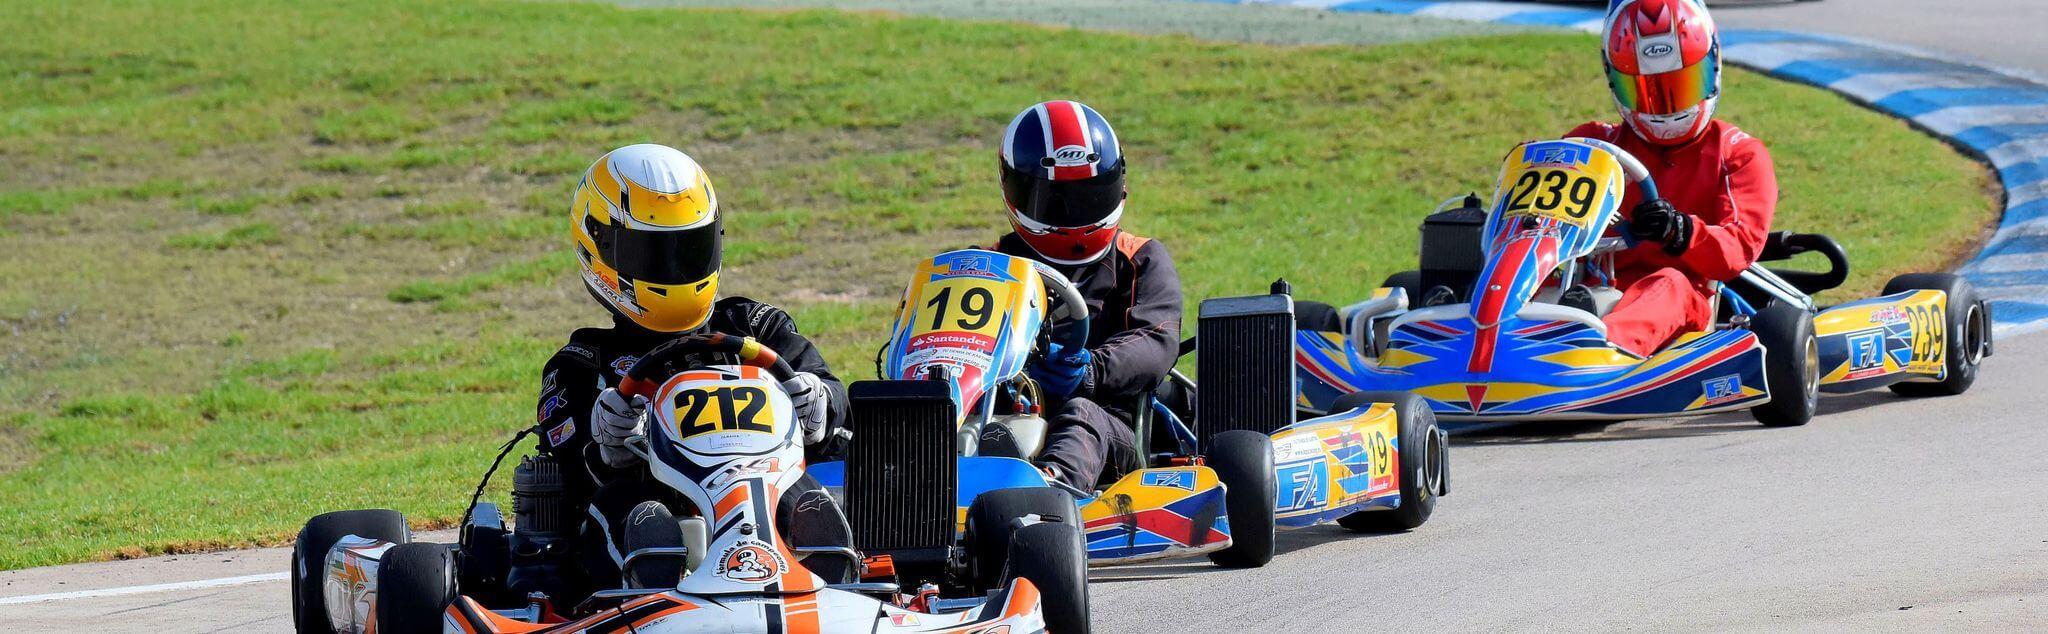 Karting dans Charente Maritime